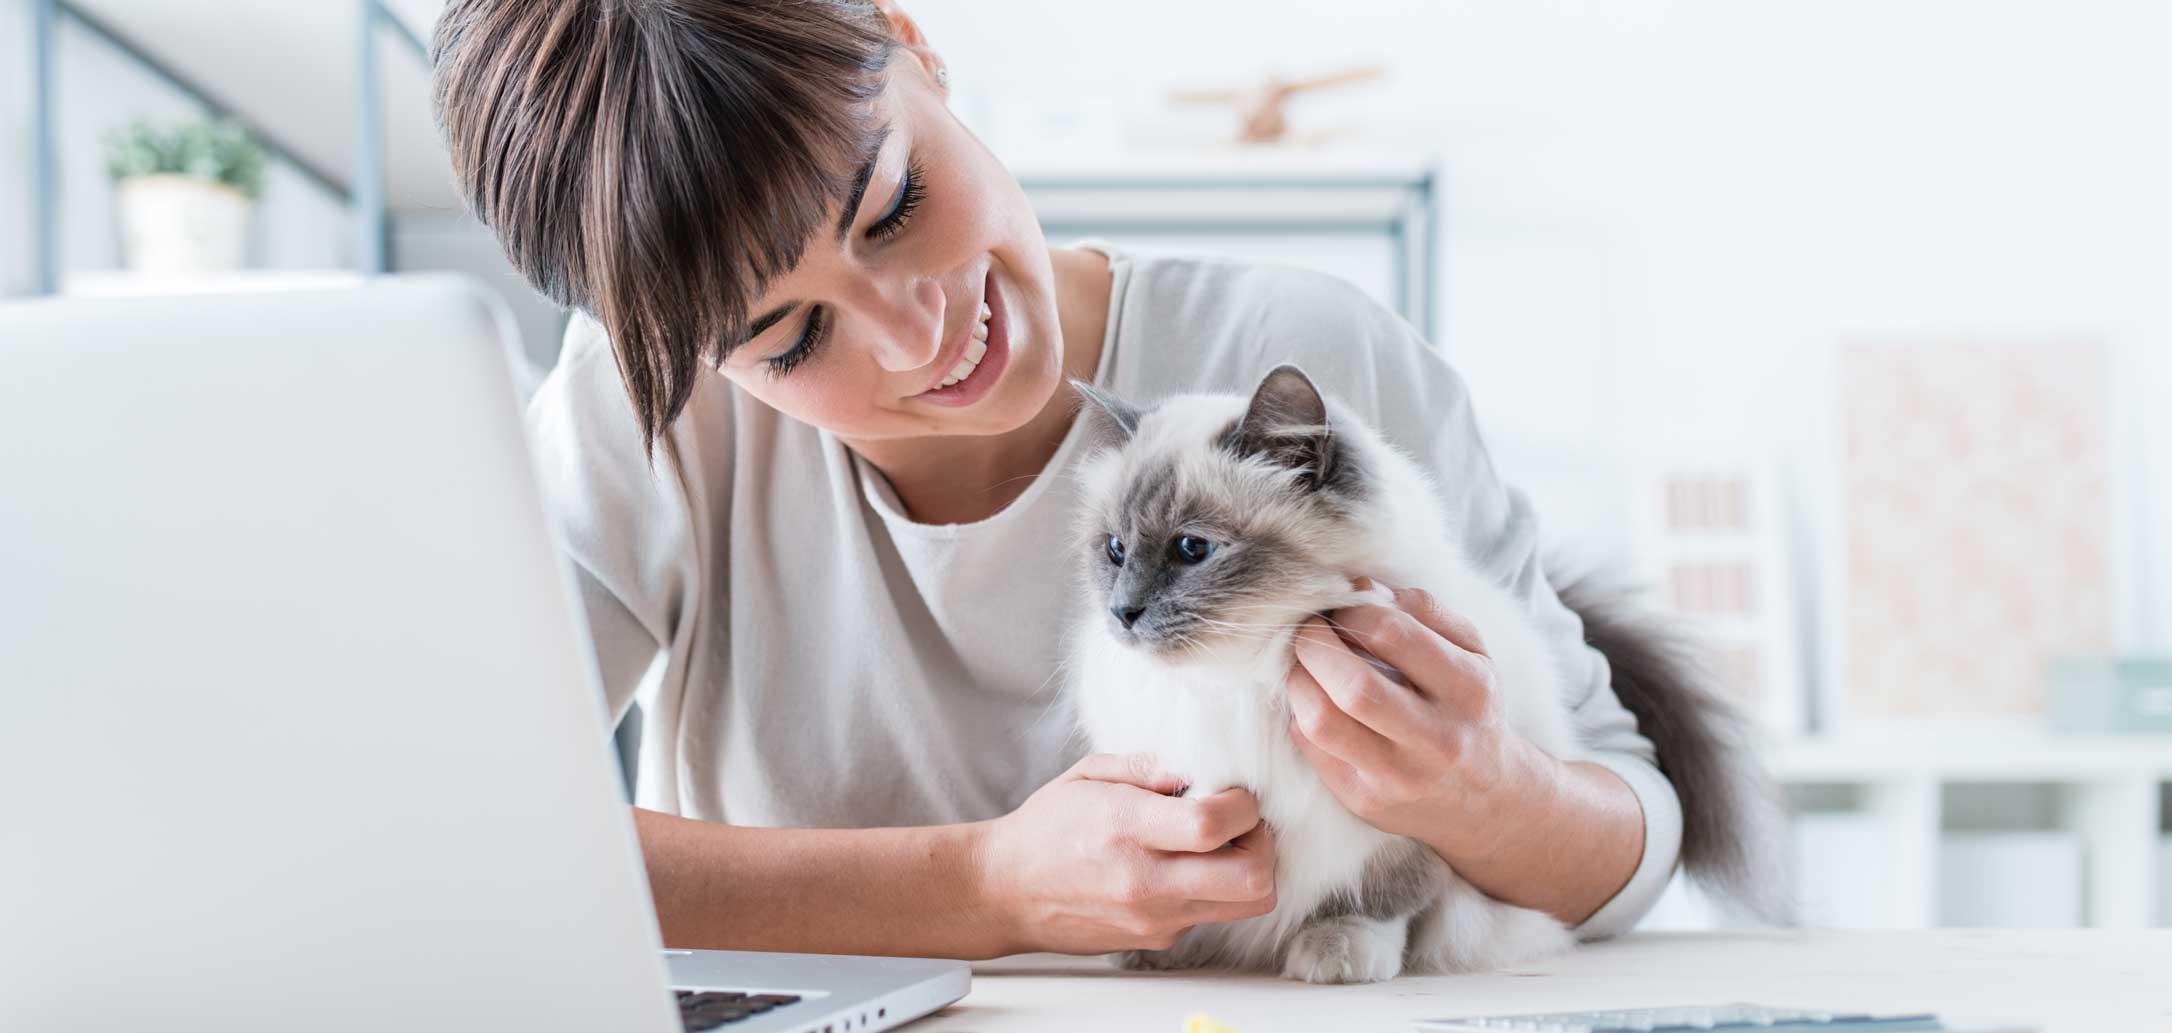 Jeune femme et son chat sur le bureau regardant l'écran de l'ordinateur en train de lui gratter le cou. Clinique vétérinaire Lachine